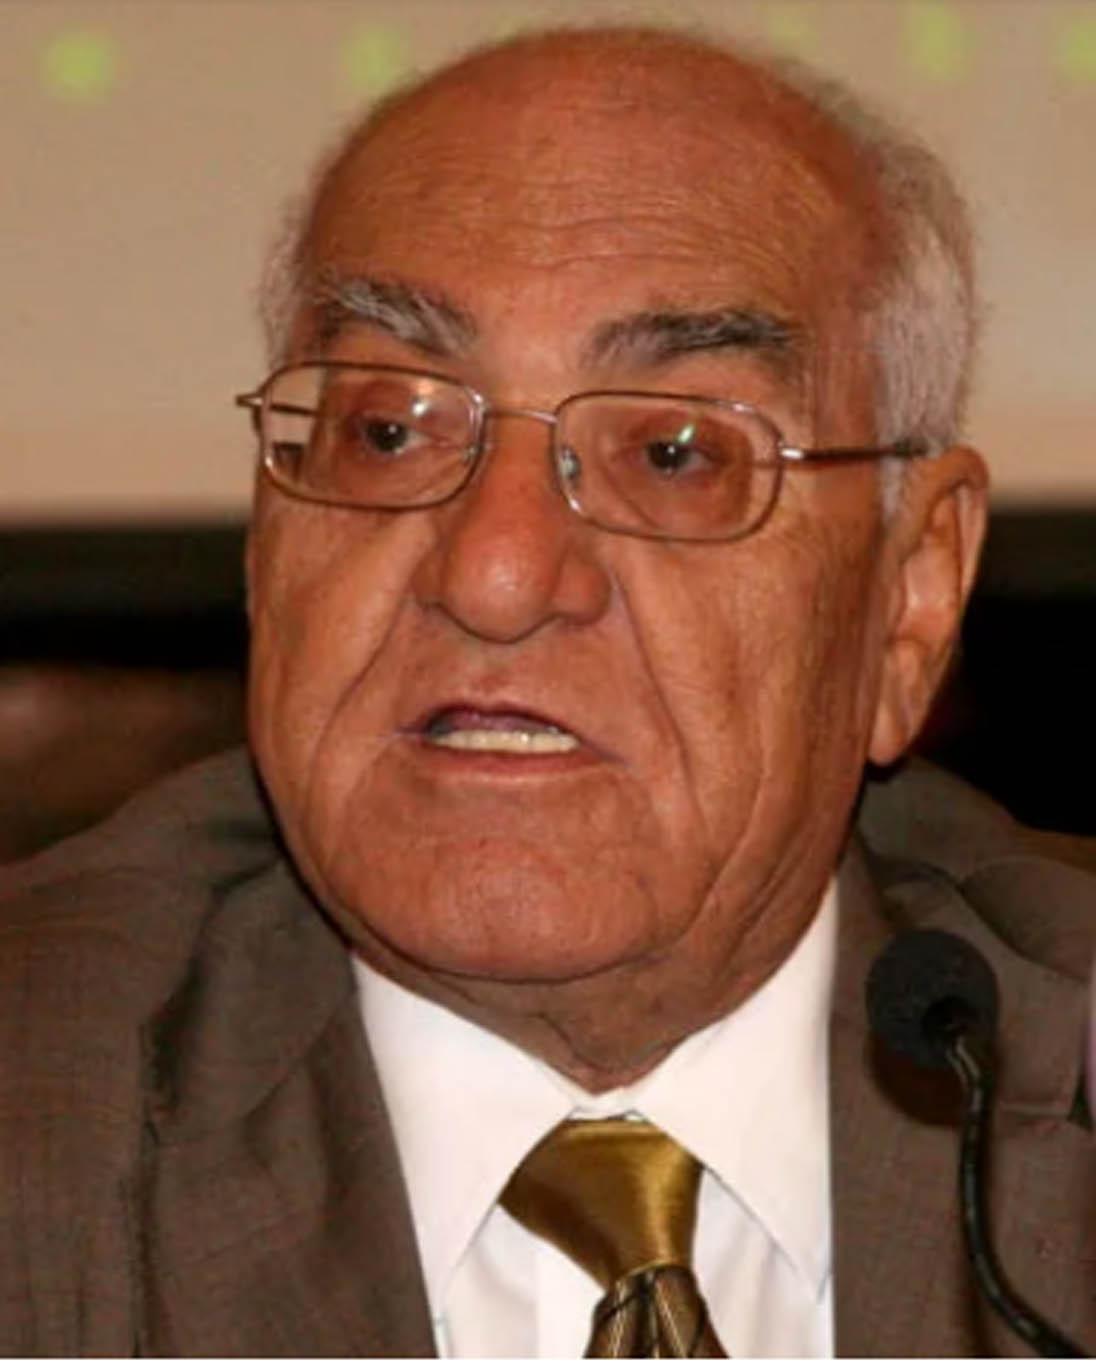 رئيس الوزراء الأردني ينعى وزير الثقافة الاسبق طارق مصاروة